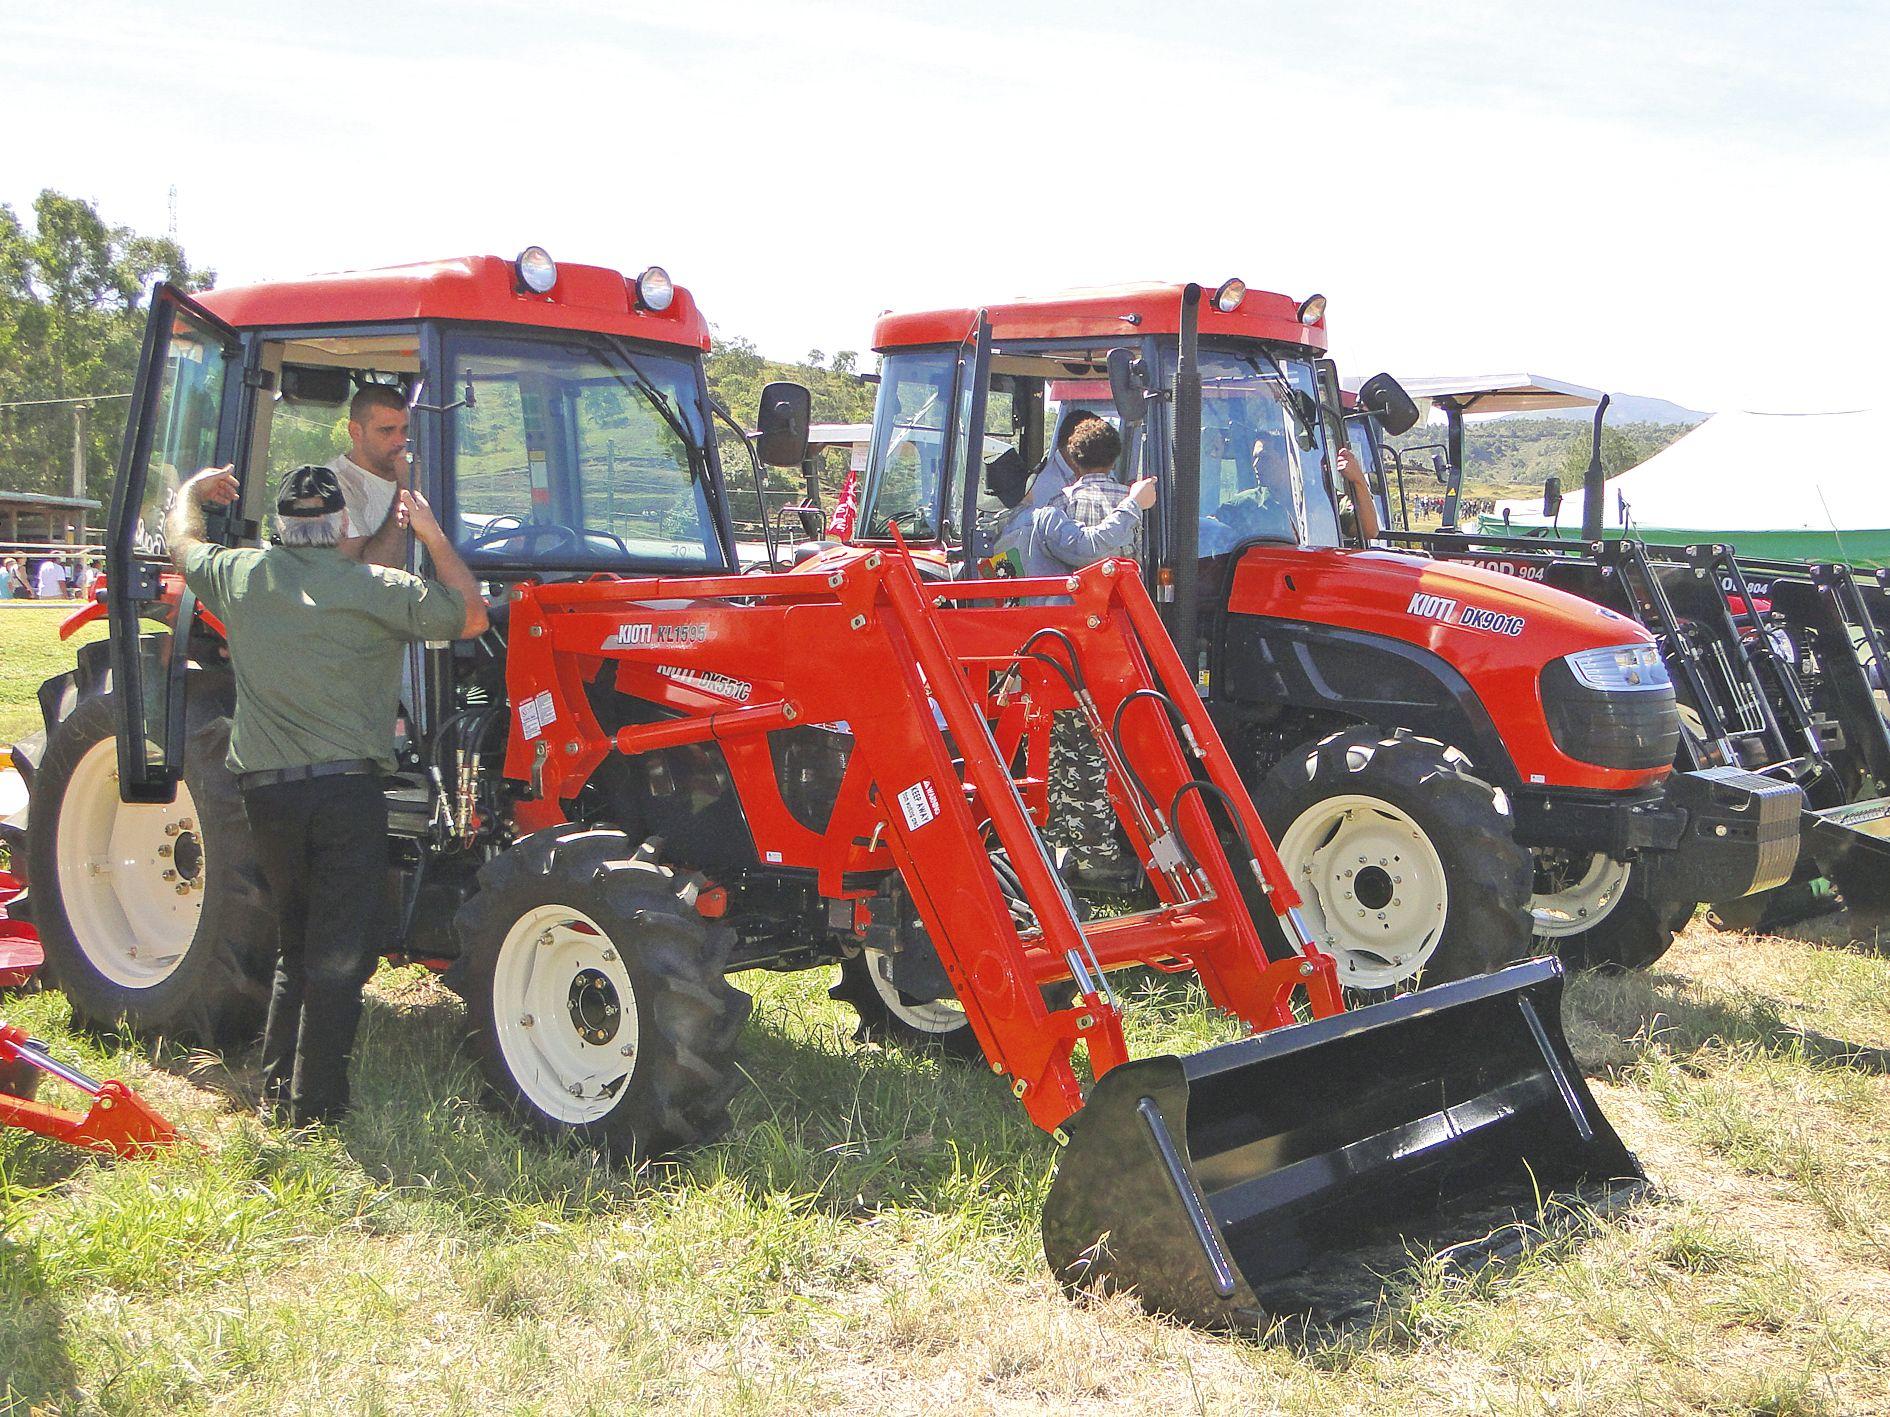 Des agriculteurs essaient des tracteurs à la foire de Bourail 2016. « C'est ici qu'il y a toutes les marques qui sont réunies et qu'il y a des promotions, expliquait un acheteur potentiel. La Foire, c'est un peu le salon du tracteur ».